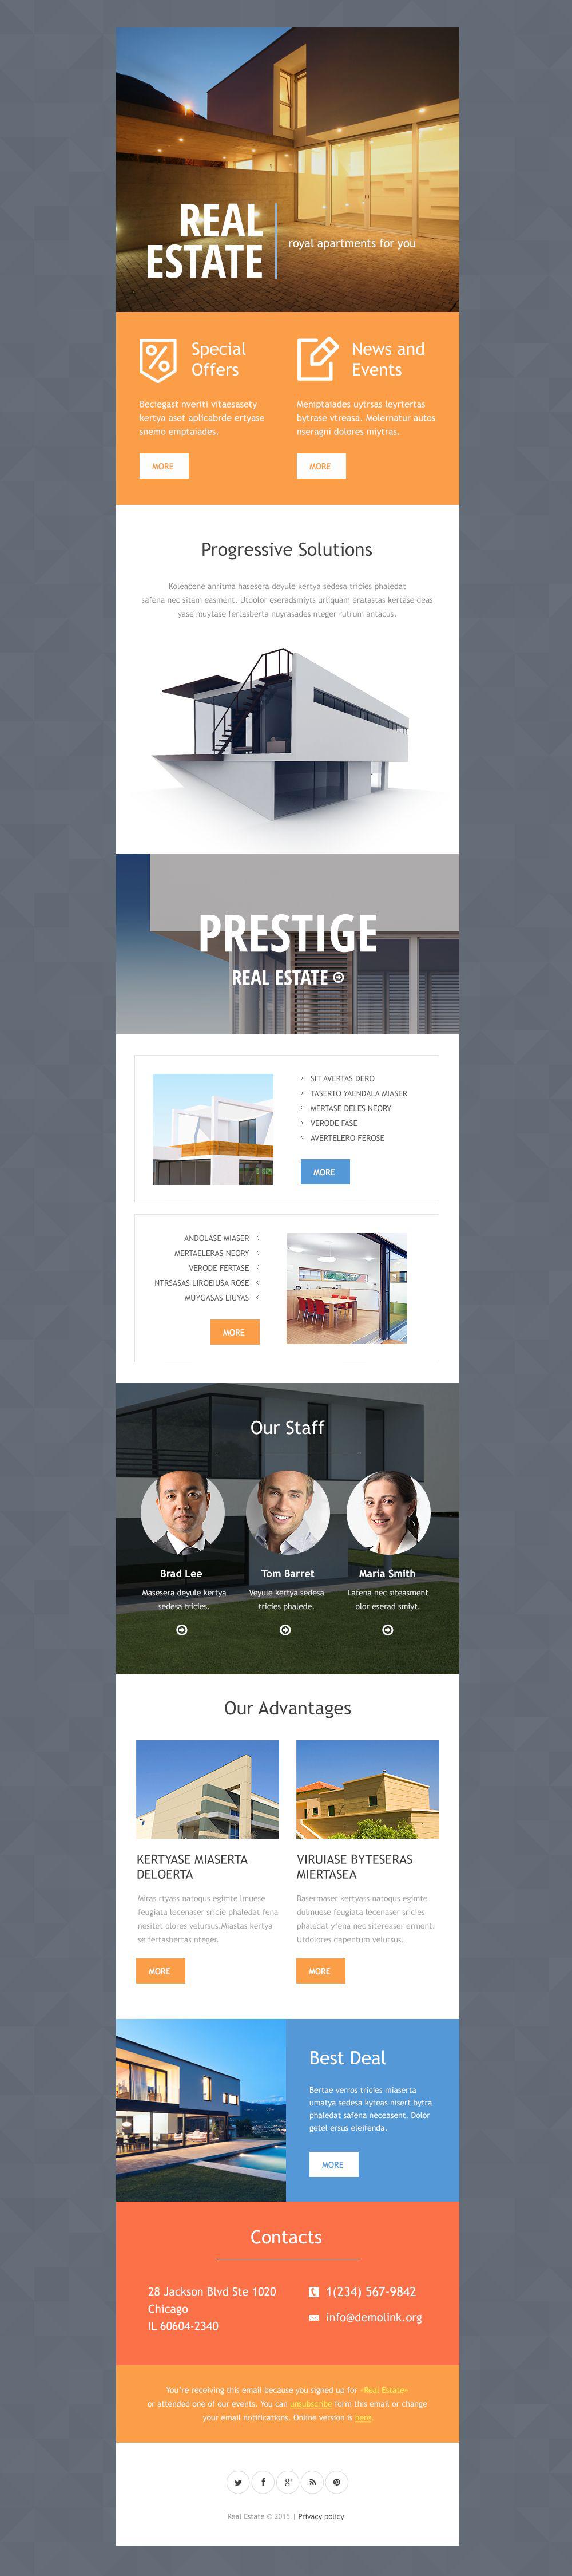 Адаптивный Шаблон рассылки №53671 на тему агентство недвижимости - скриншот